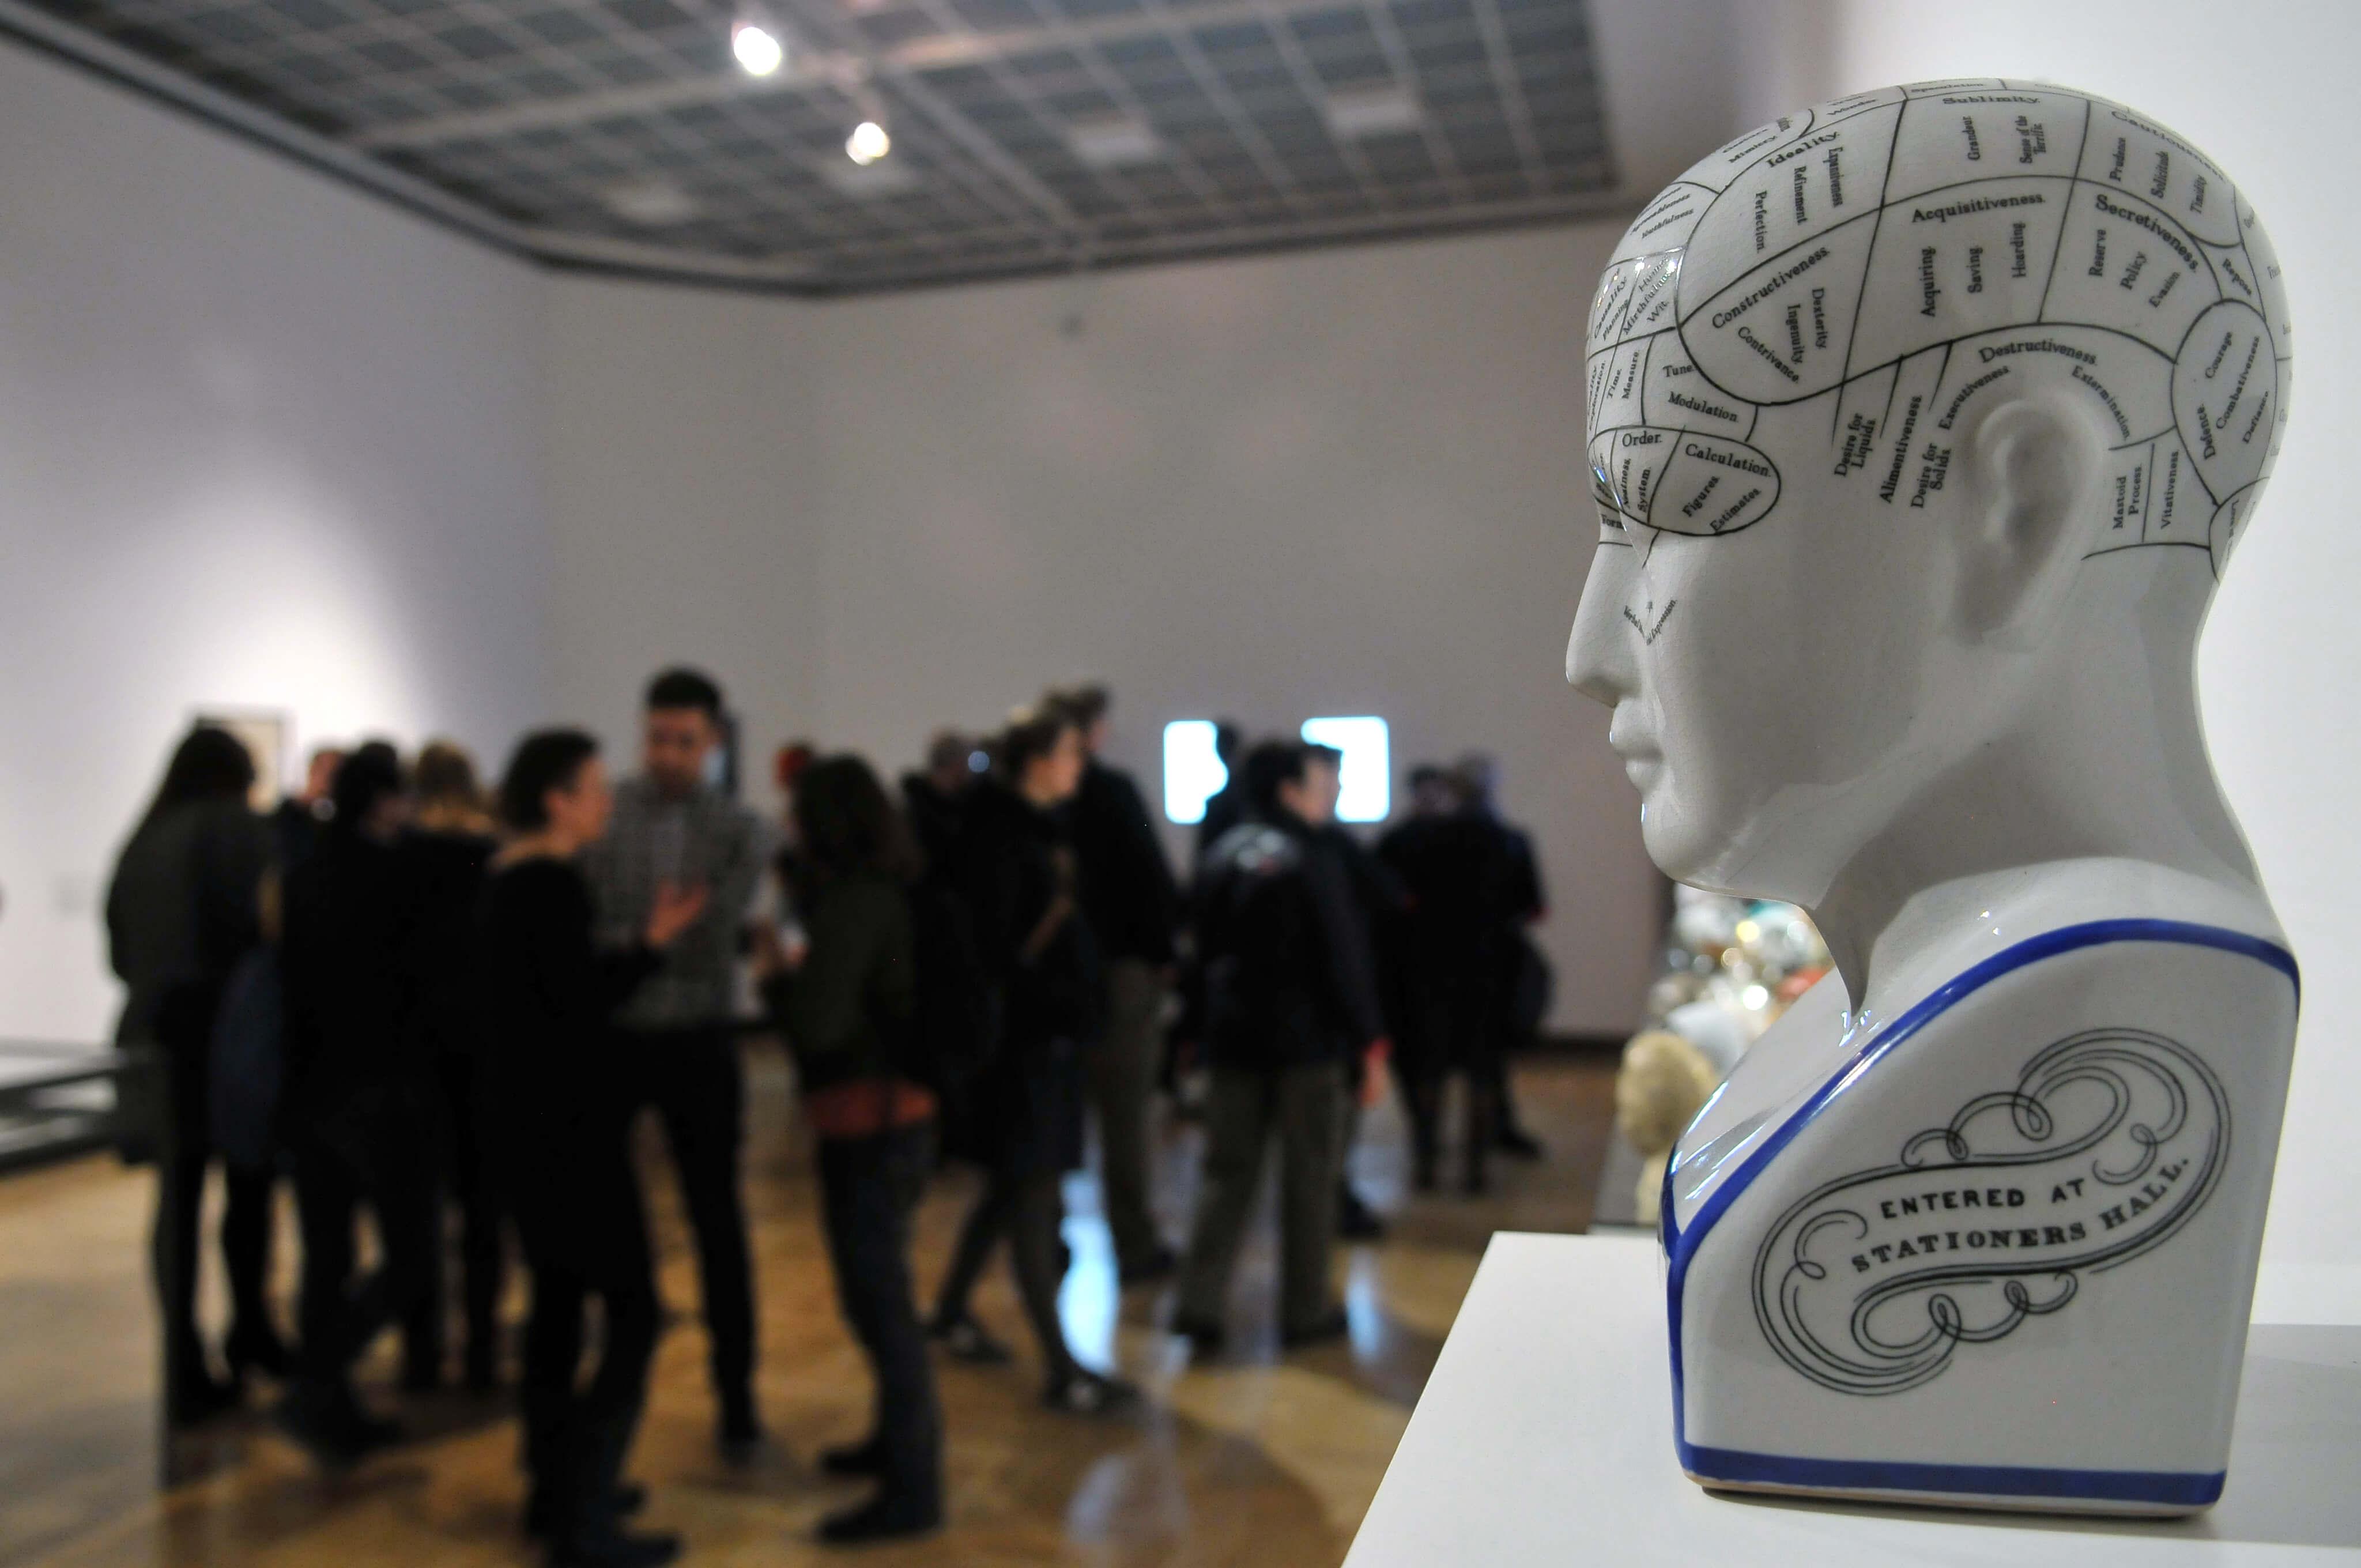 28-11-2014 Exhibition in Zachęta – Narodowa Galeria Sztuki POSTĘP I HIGIENA. GREGOR SCHNEIDER